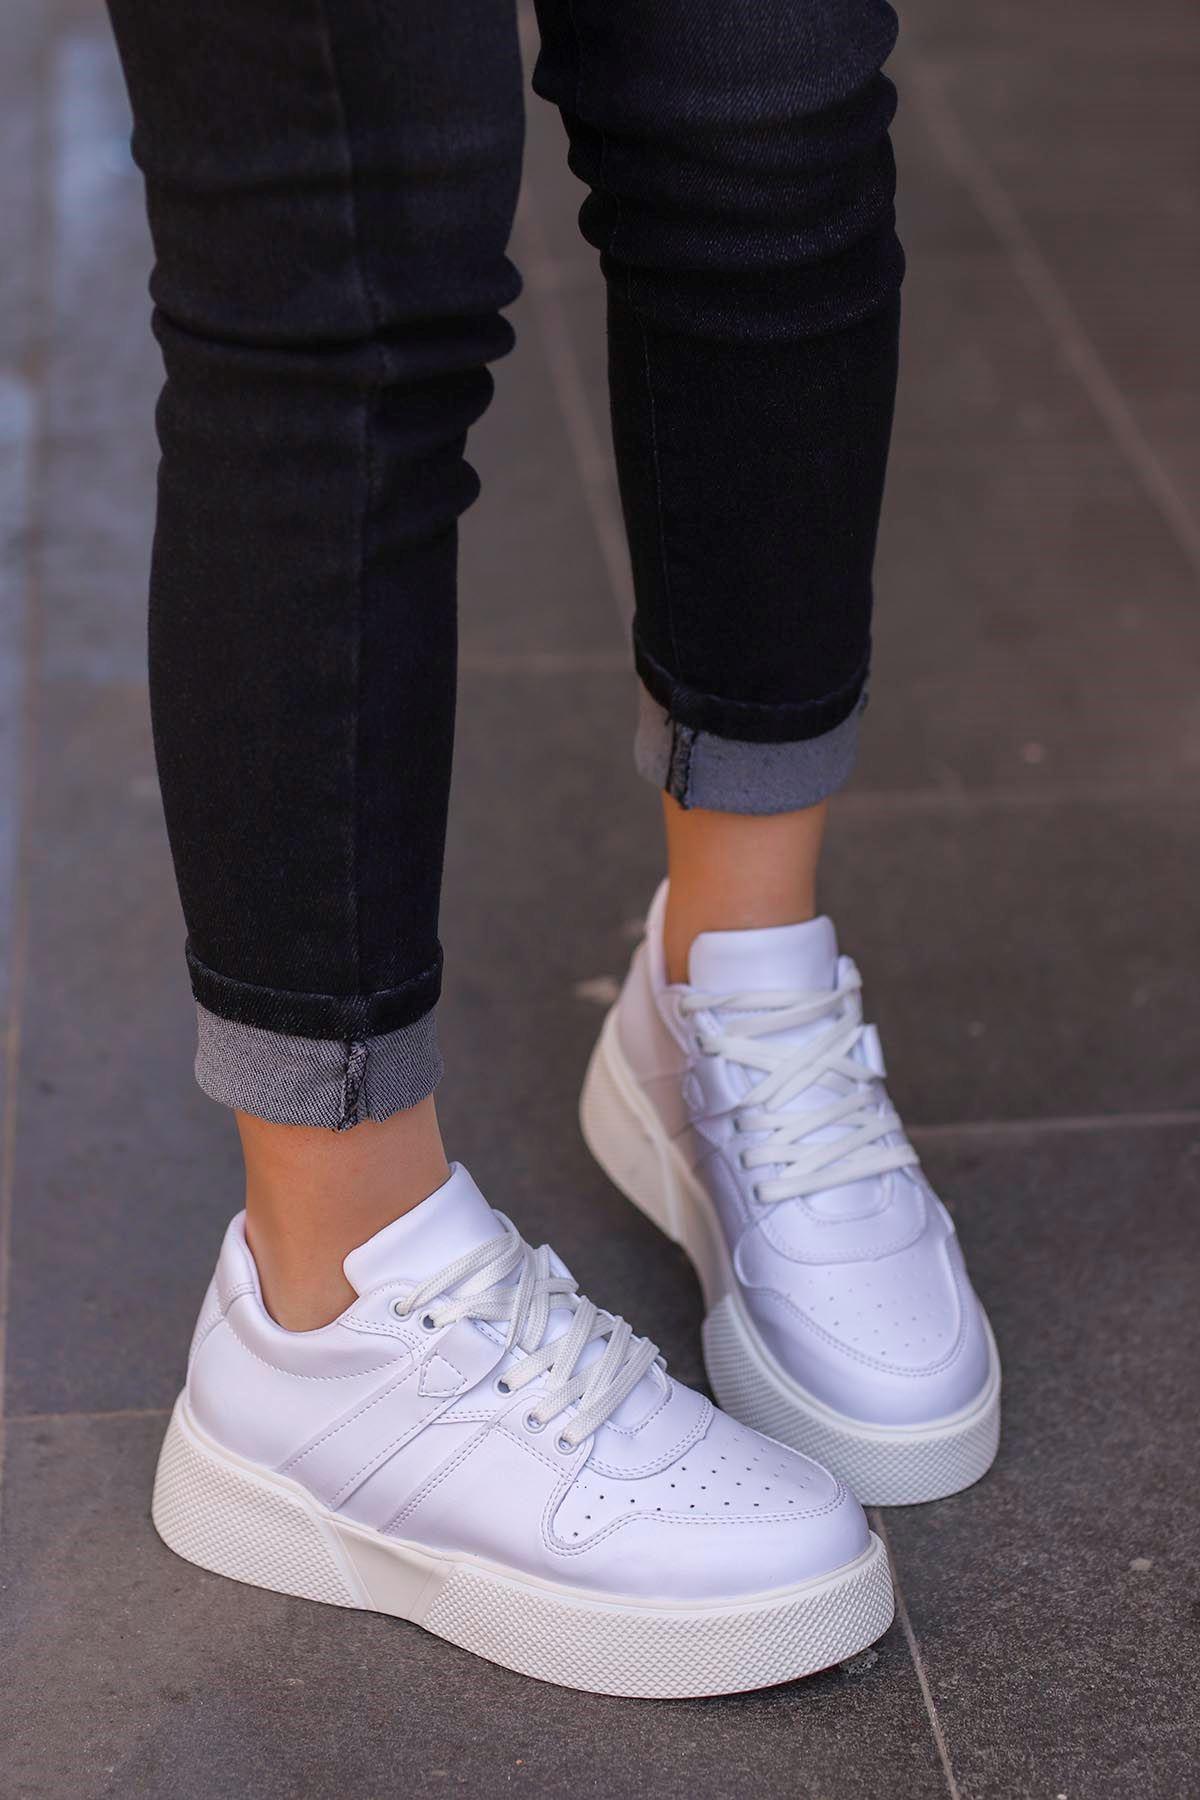 frm-021 Tabanlı spor Ayakkabı Beyaz Deri